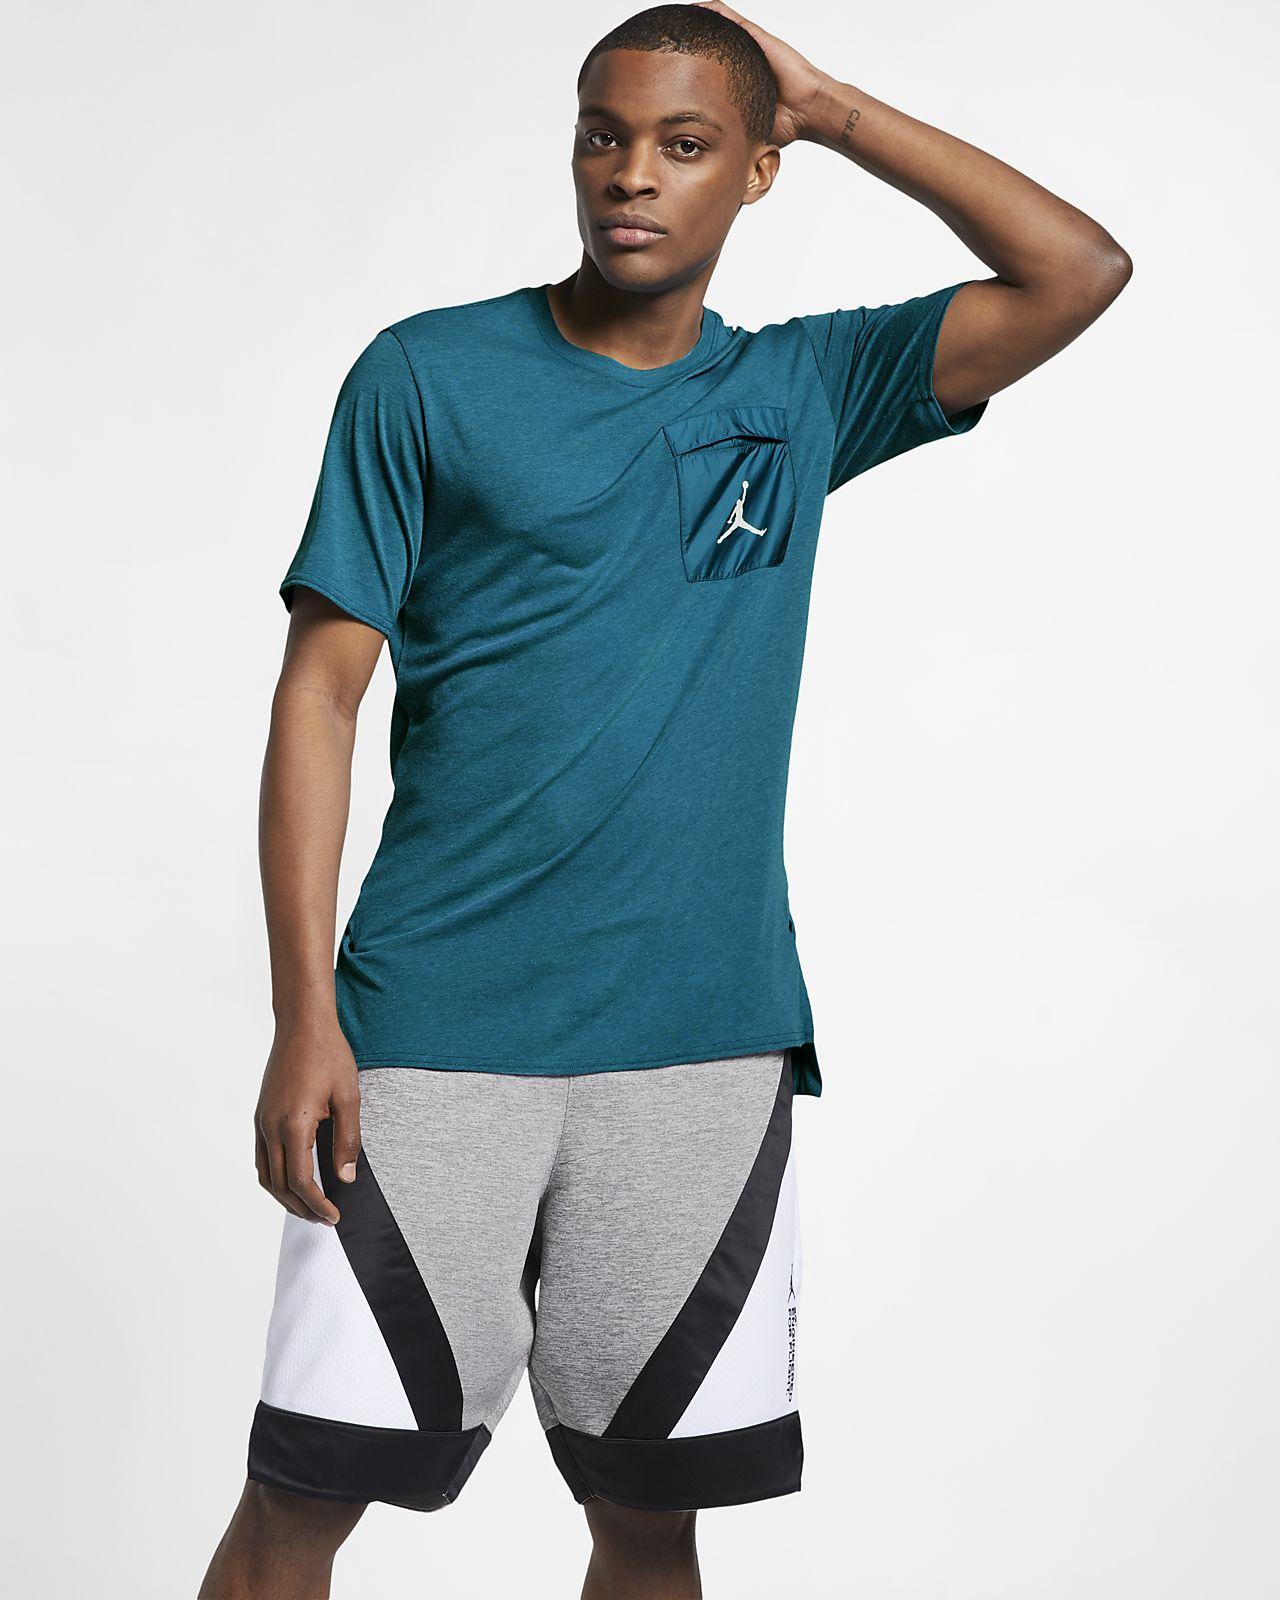 Мужская футболка для тренинга с коротким рукавом Jordan 23 Engineered Cool